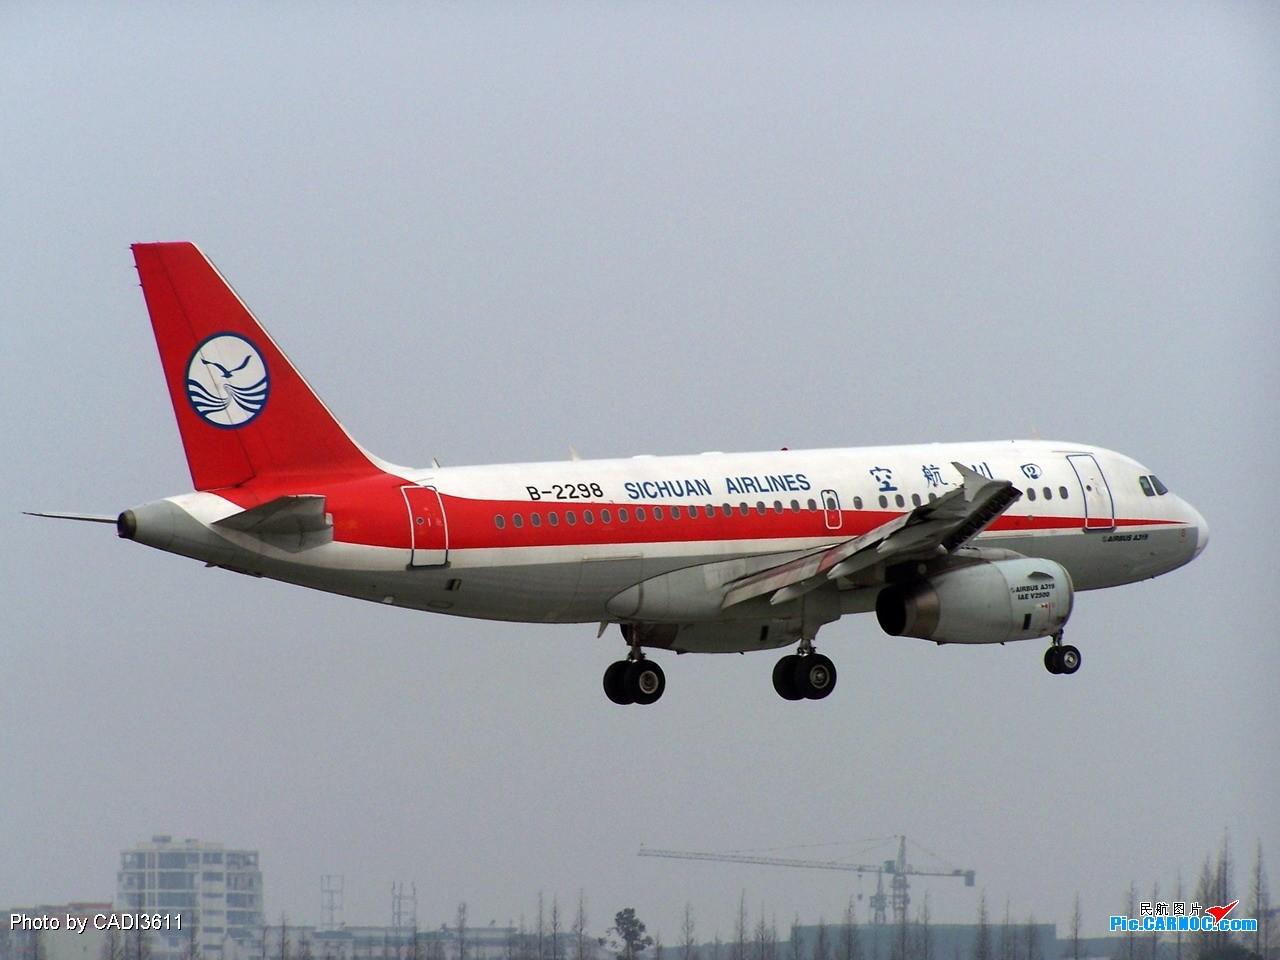 Re:[原创]080214-CTU-02 AIRBUS A319-100 B-2298 CTU